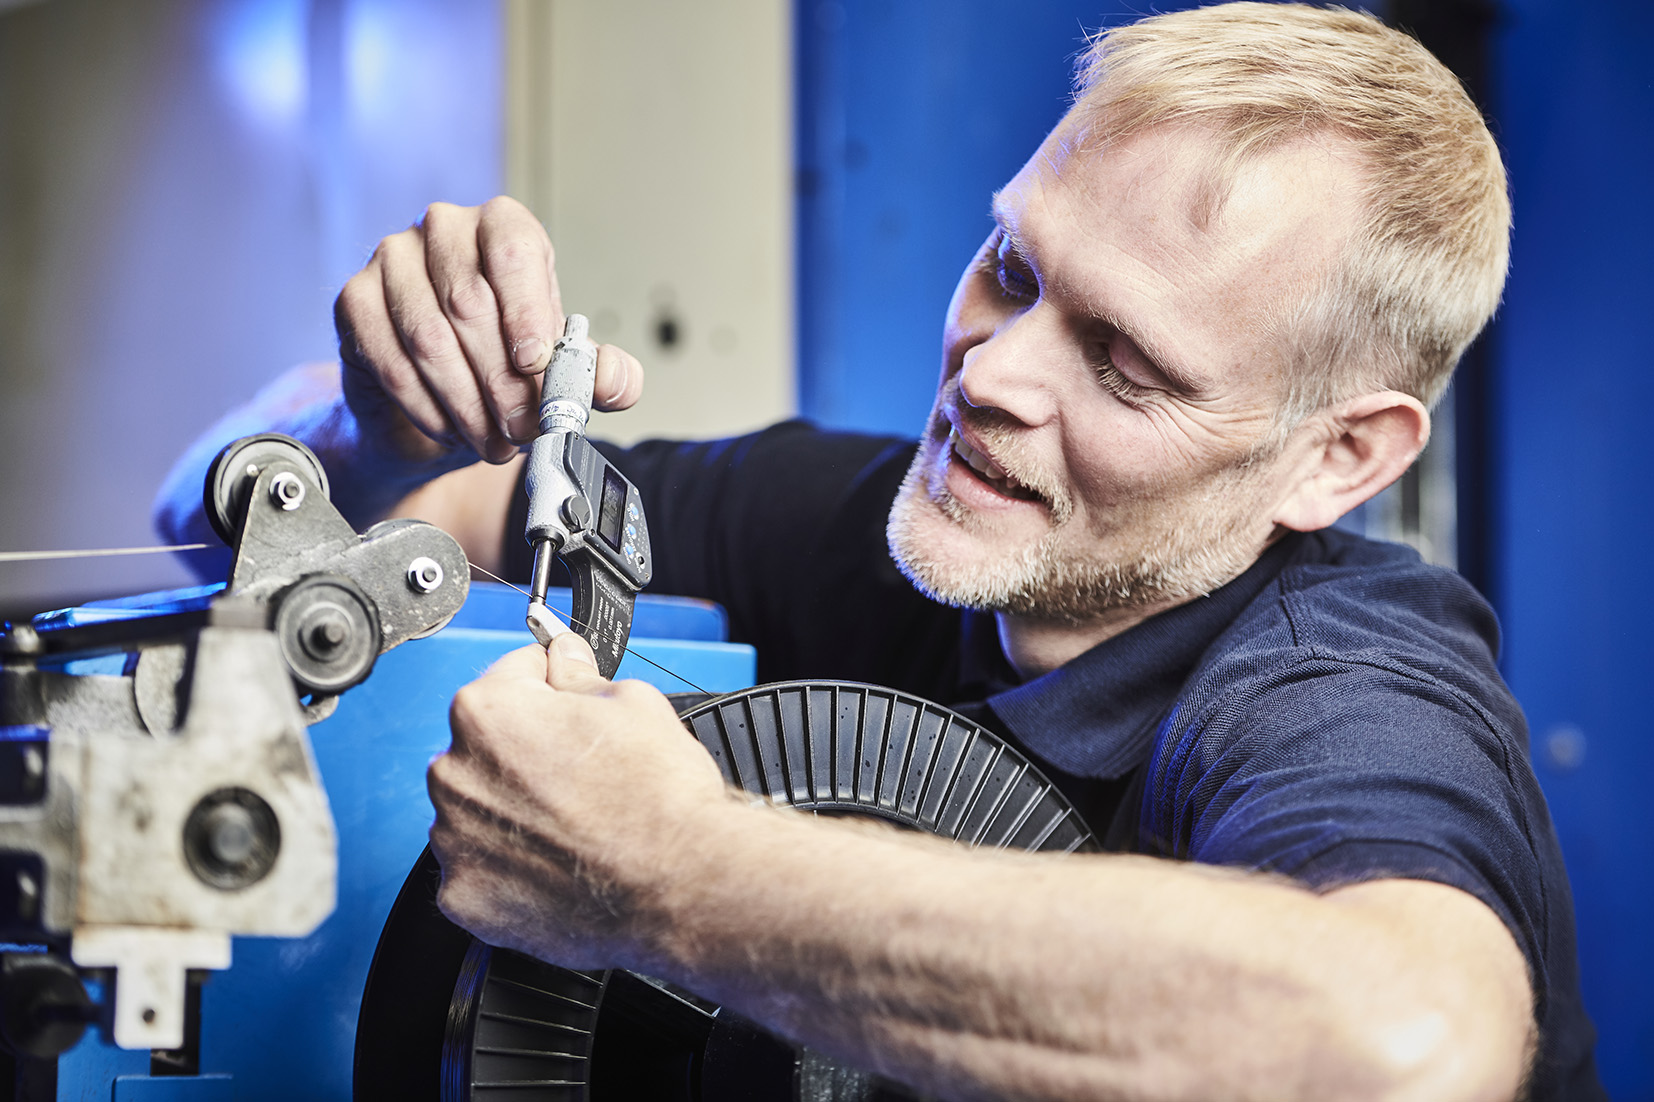 Fine Wire Technician - Precision Shaped Wire.. Image courtesy of PSW